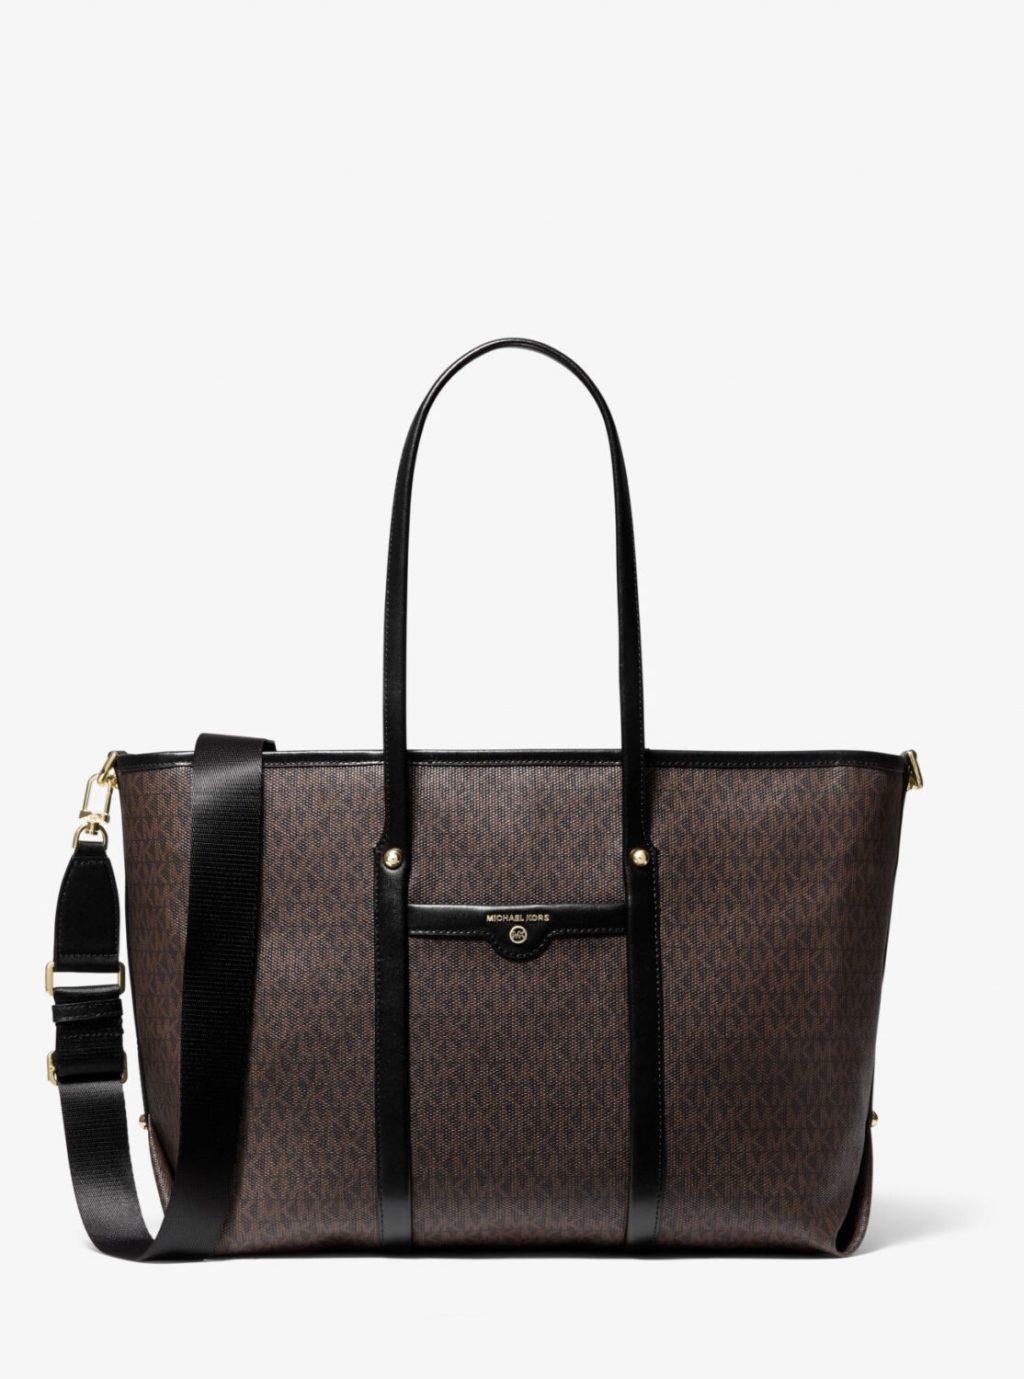 Collection Spring - Summer 2021 Michael Kors Beck Large Logo Tote Bag Black